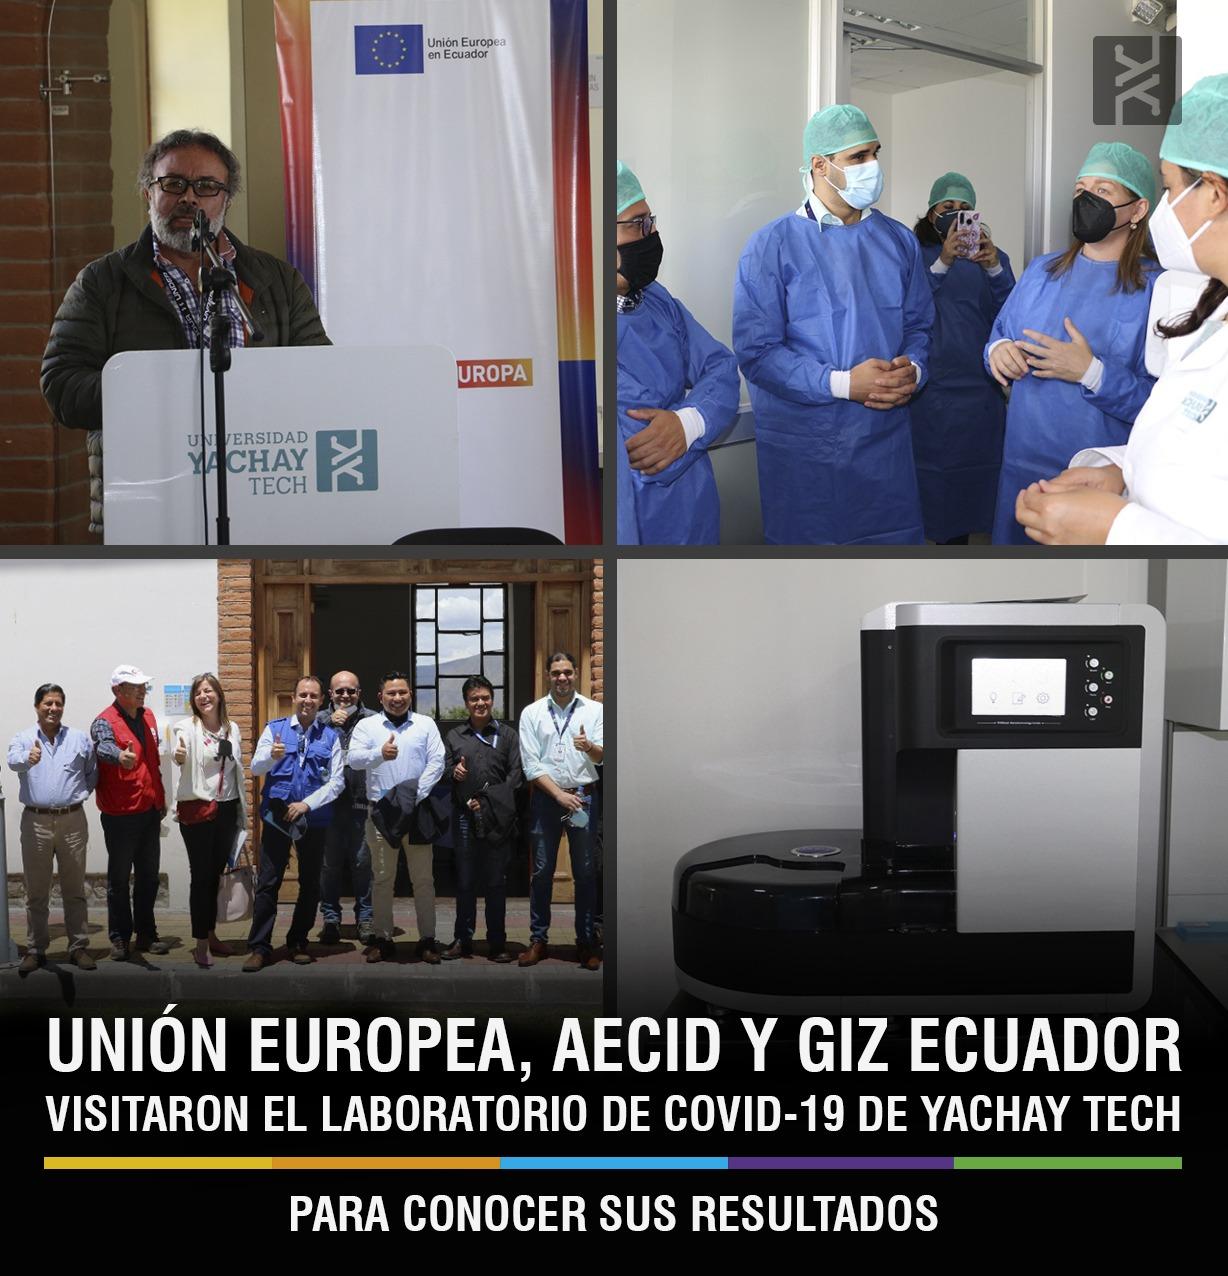 UNIÓN EUROPEA, AECID Y GIZ ECUADOR VISITARON EL LABORATORIO DE COVID-19 DE YACHAY TECH PARA CONOCER SUS RESULTADOS